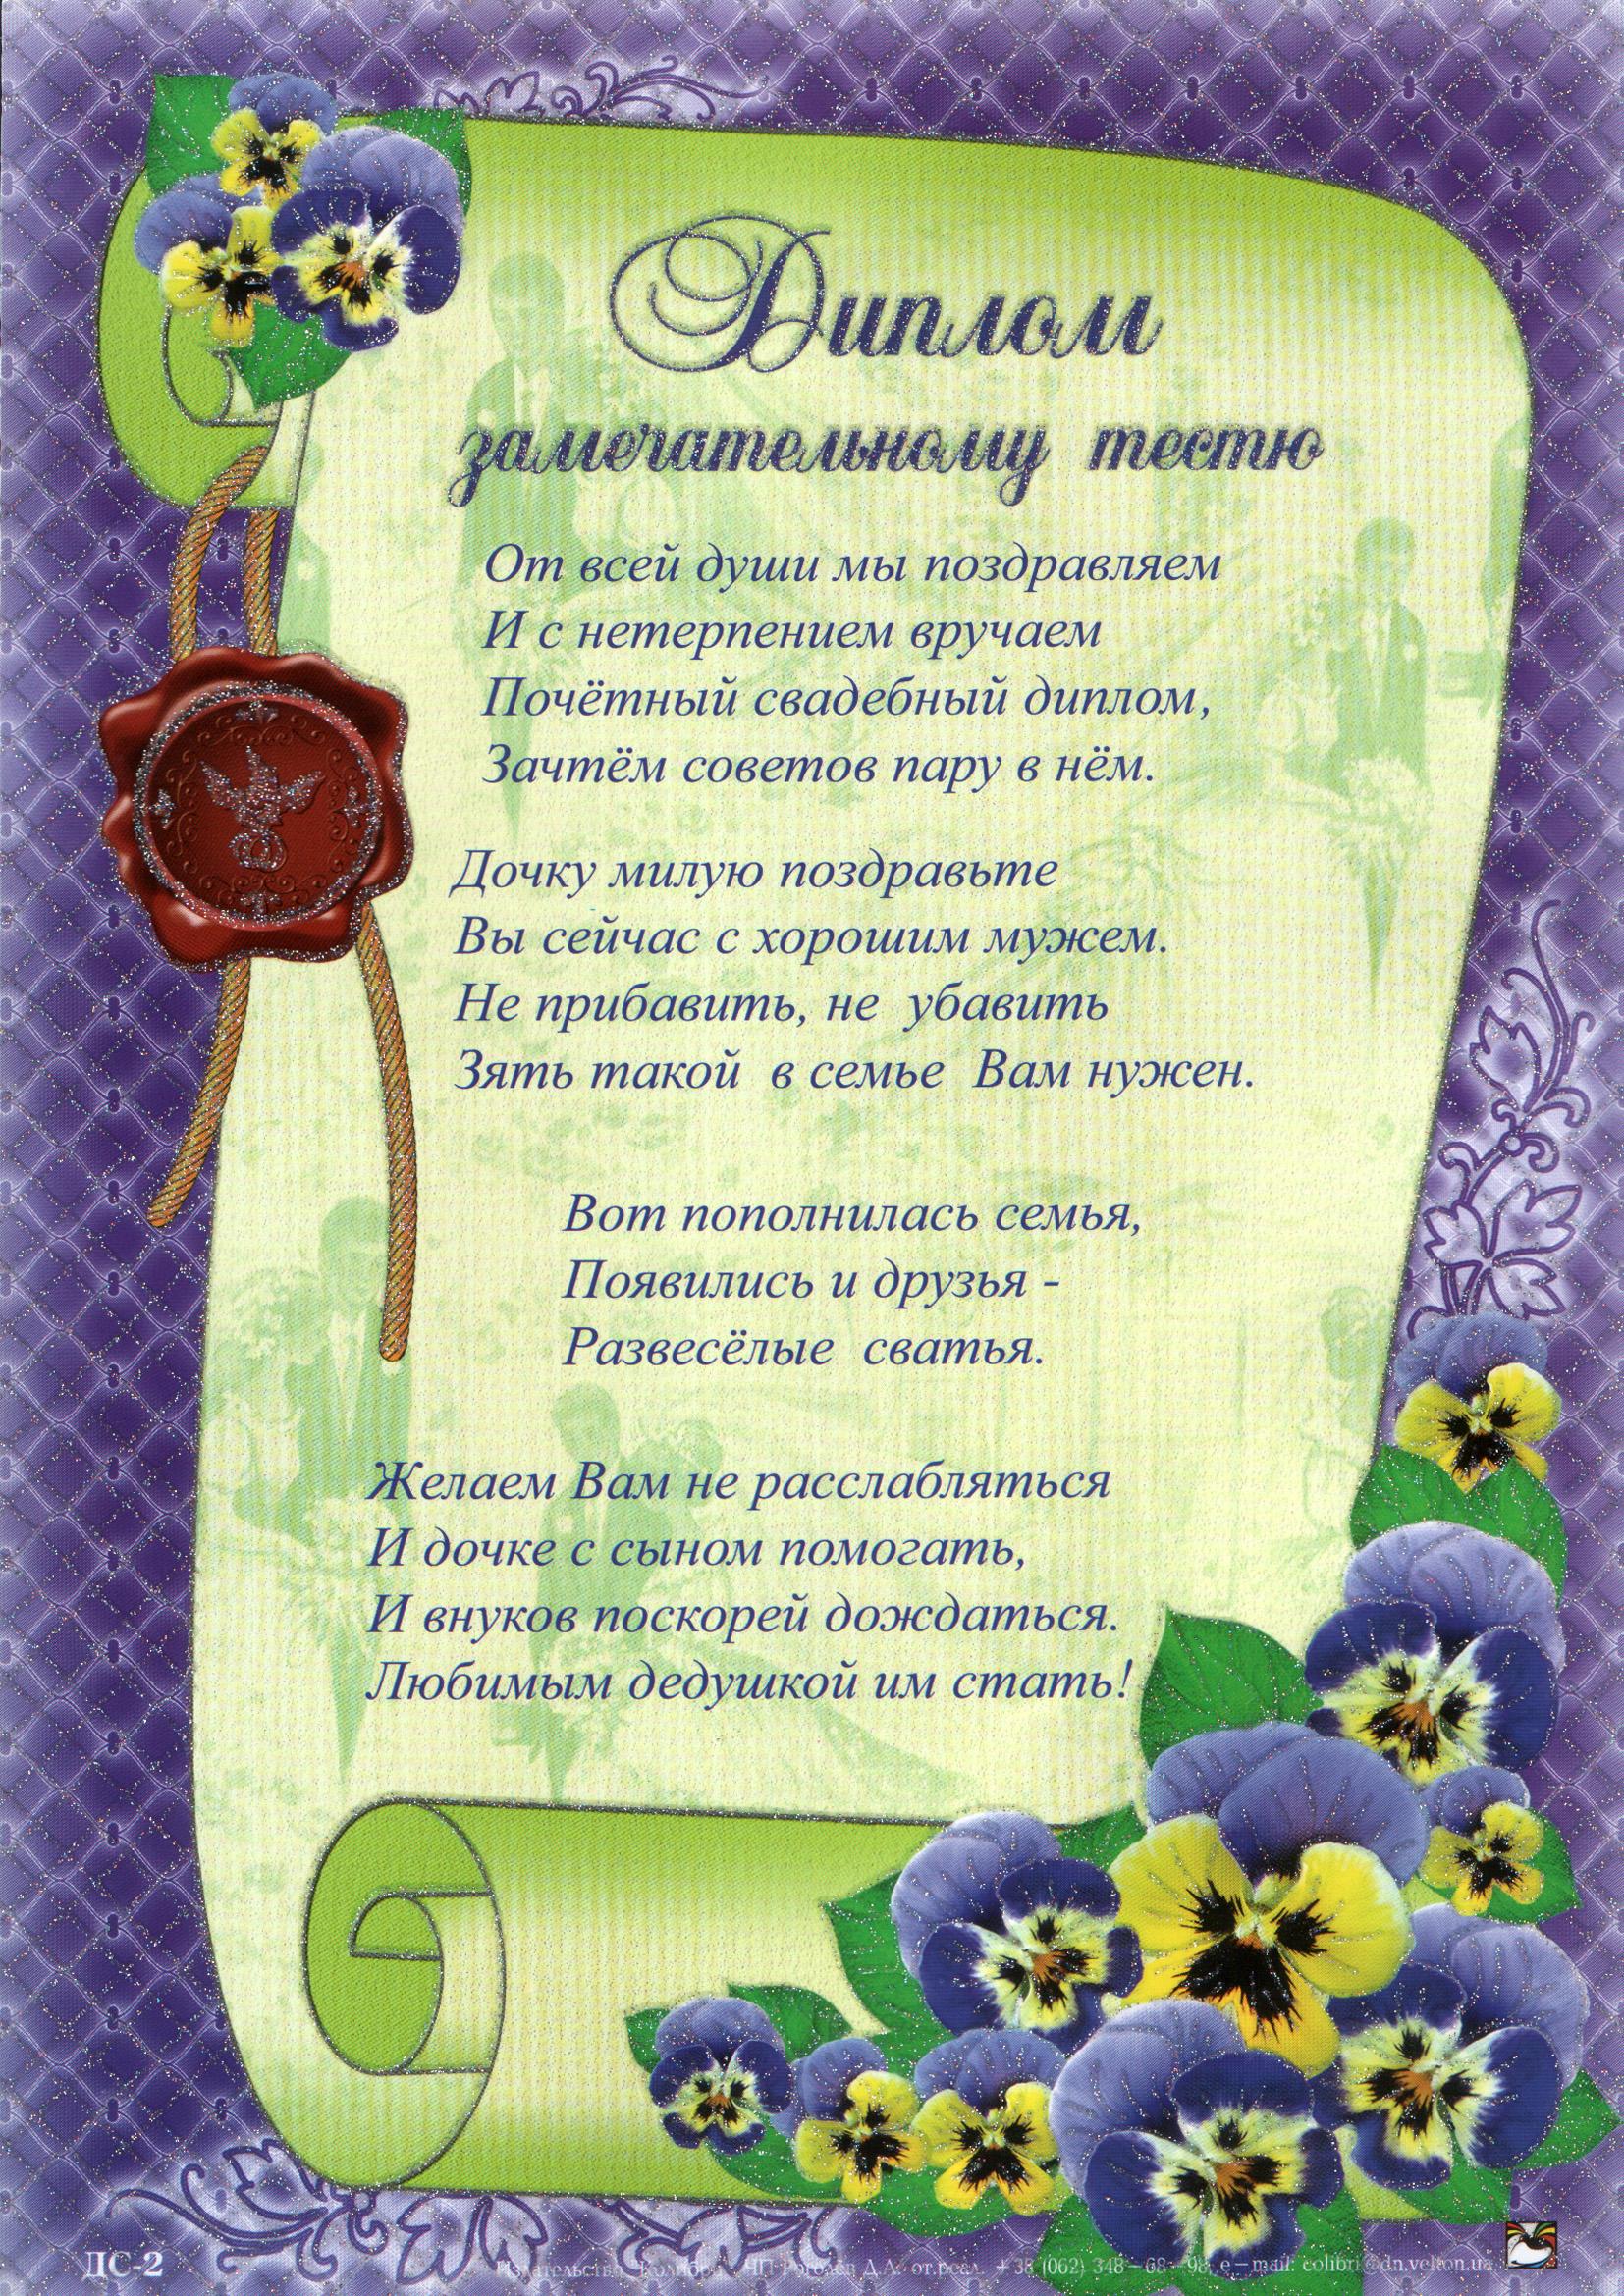 приглашение гостей для поздравления в стихах употребляли